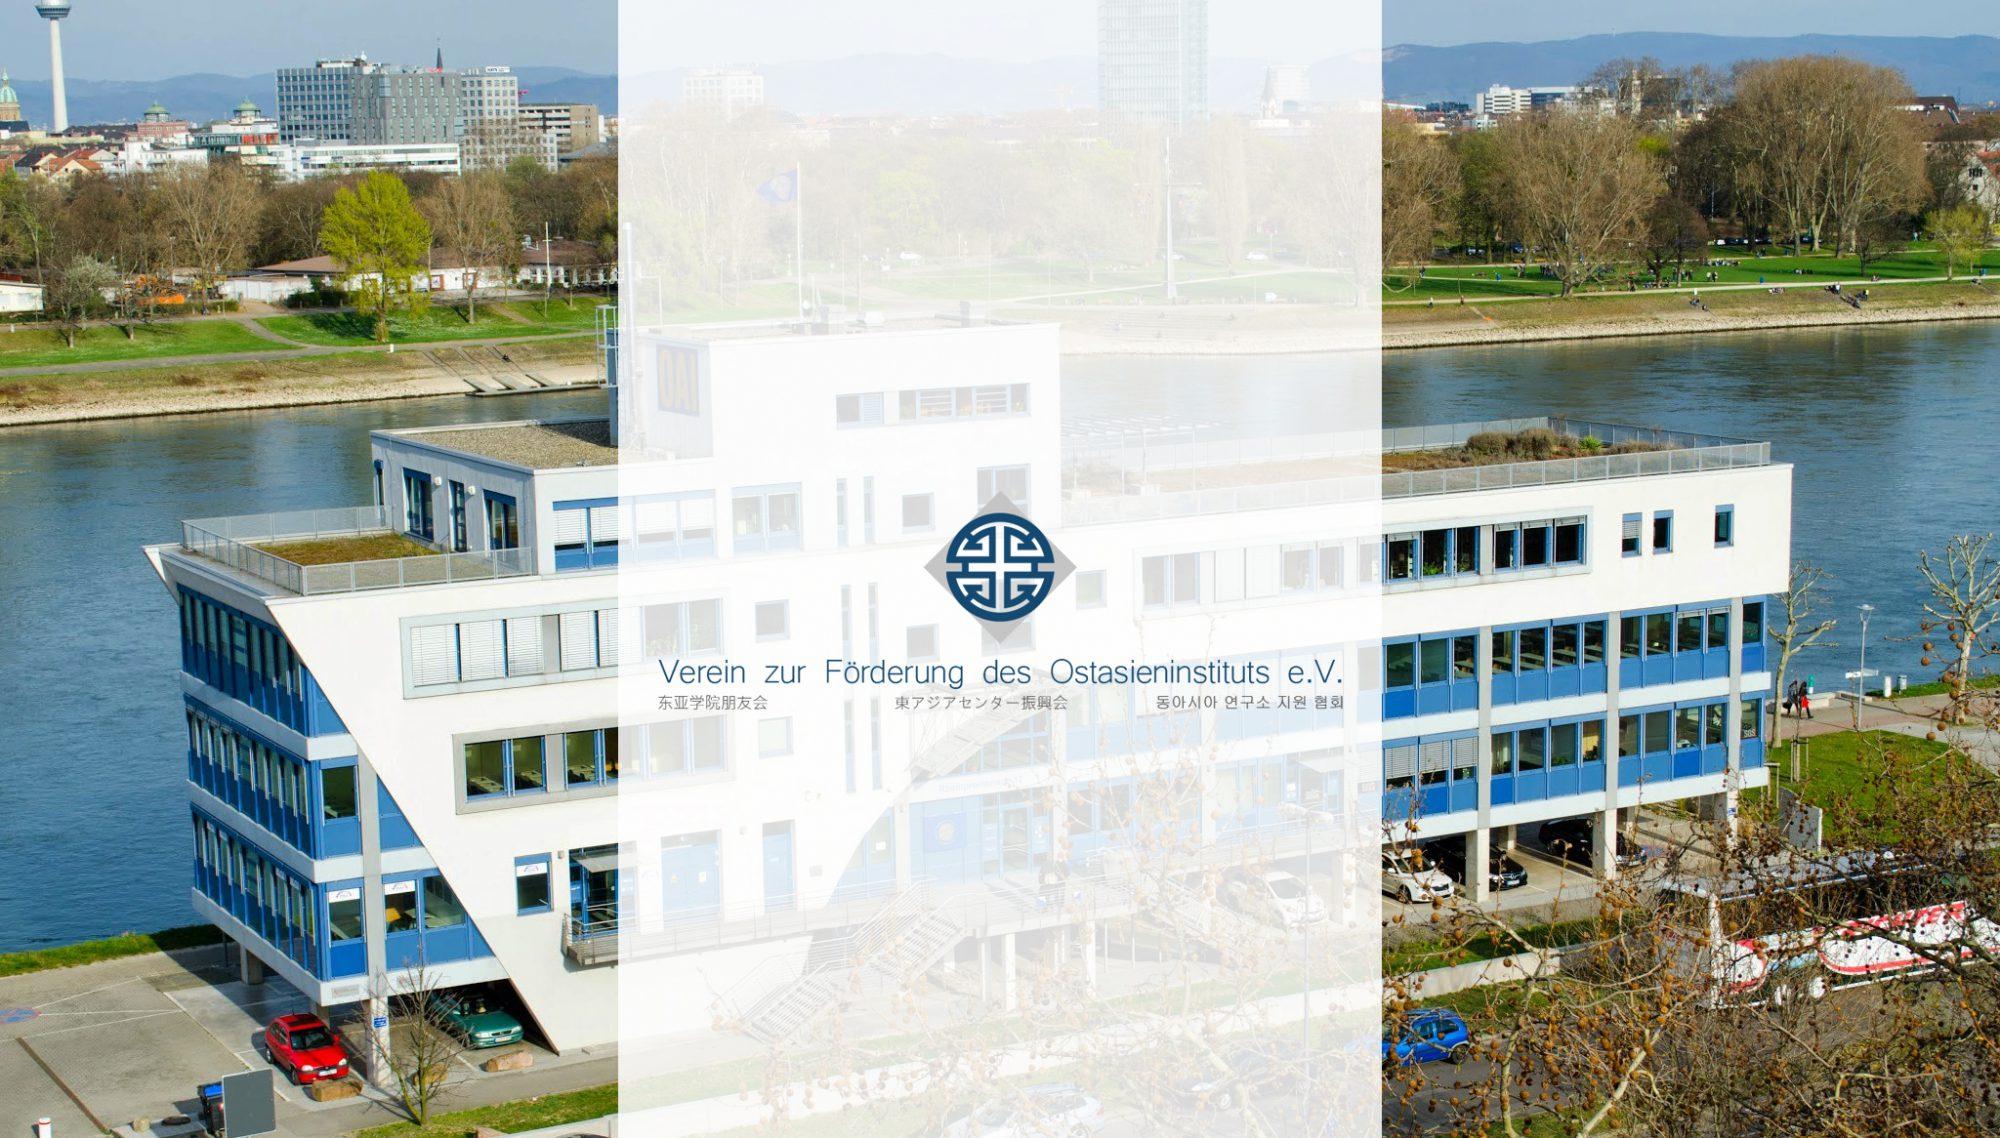 Verein zur Förderung des Ostasieninstituts e.V.